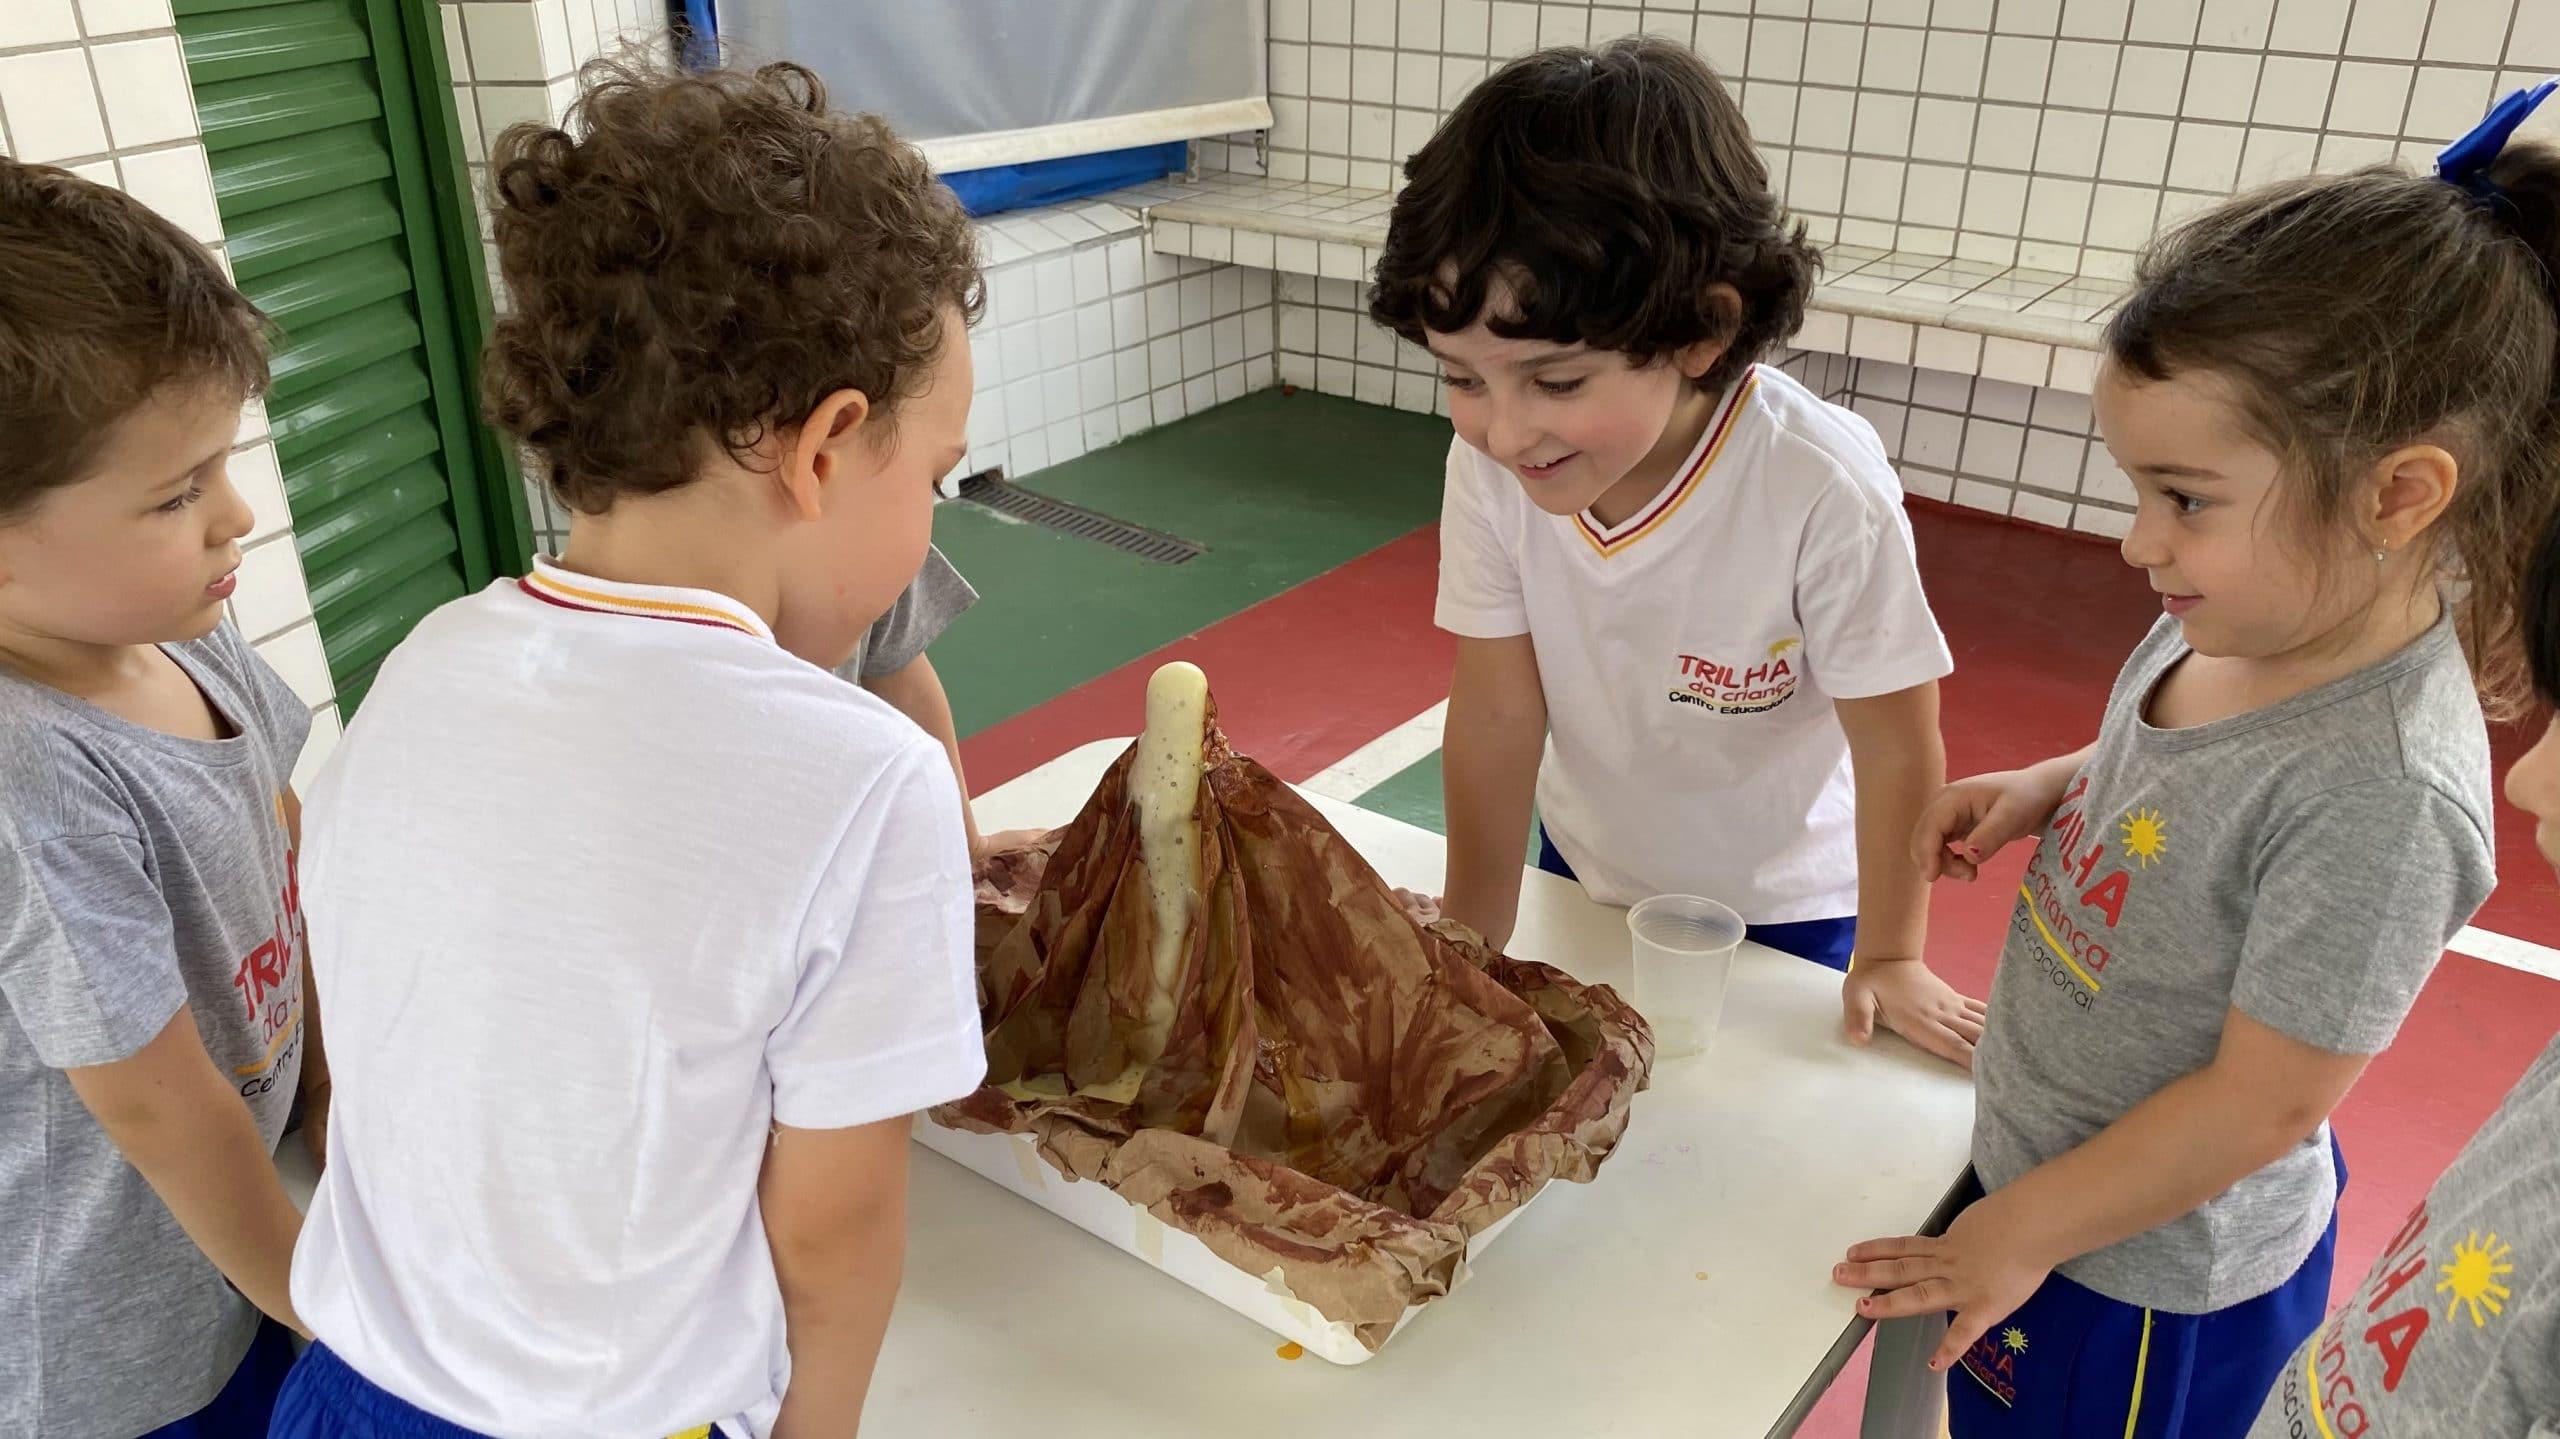 Crianças participam de atividade em grupo na escola.